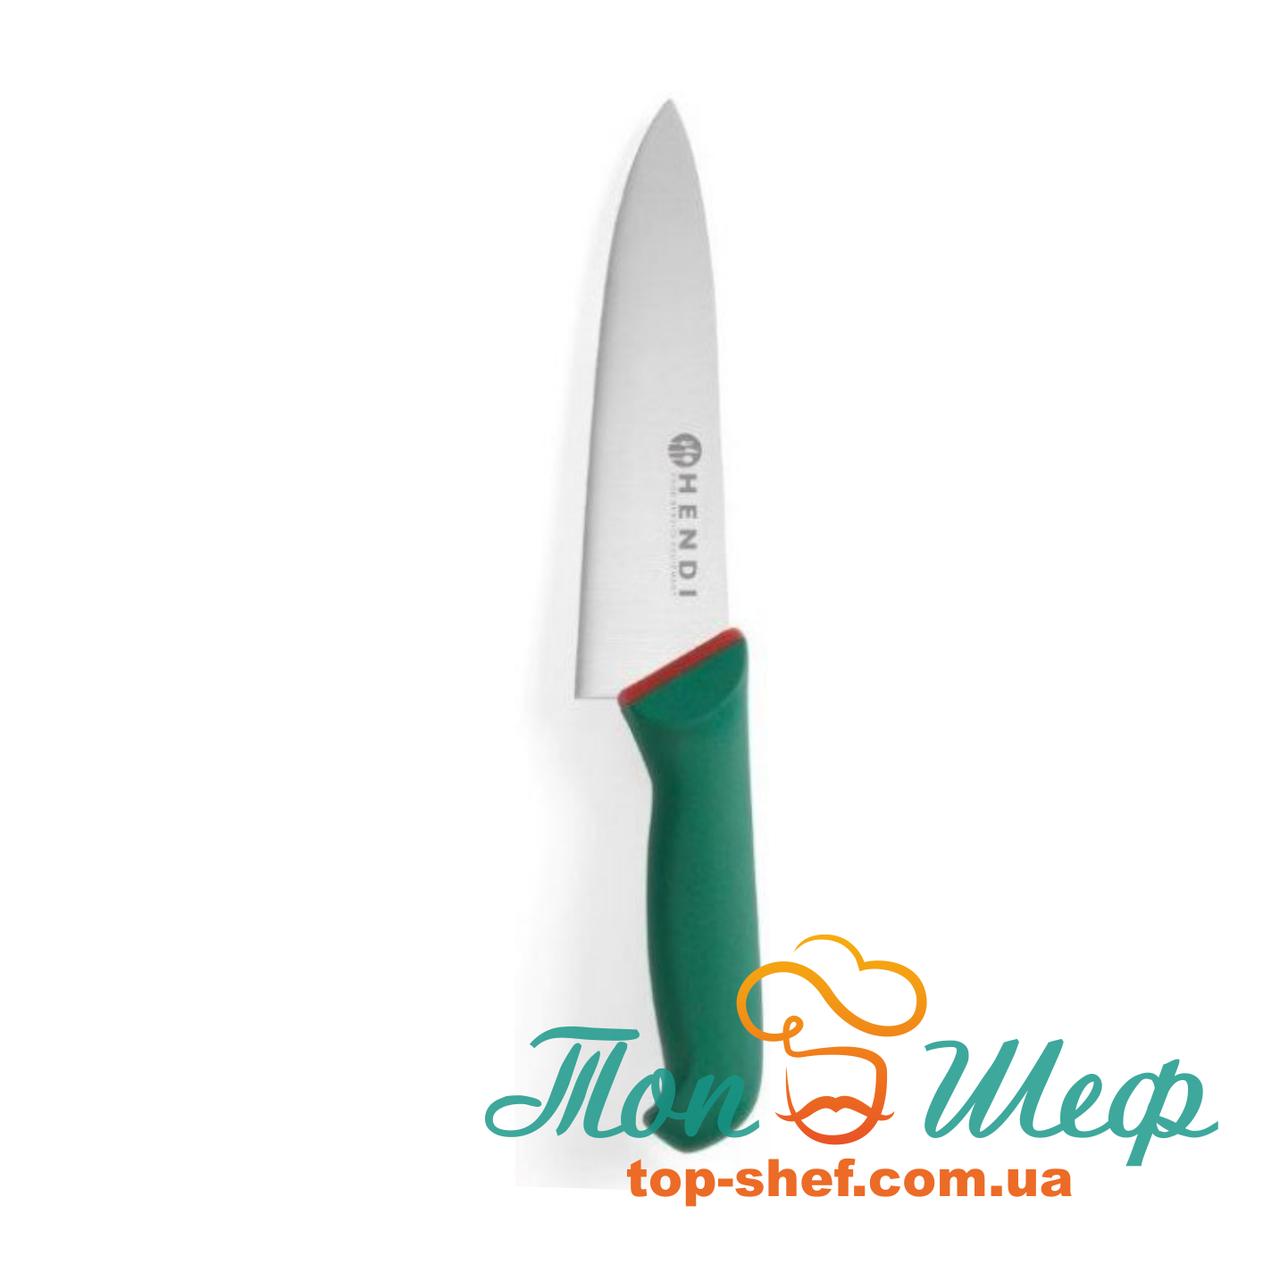 Нож шеф-повара 220/360 Green Line Hendi 843307